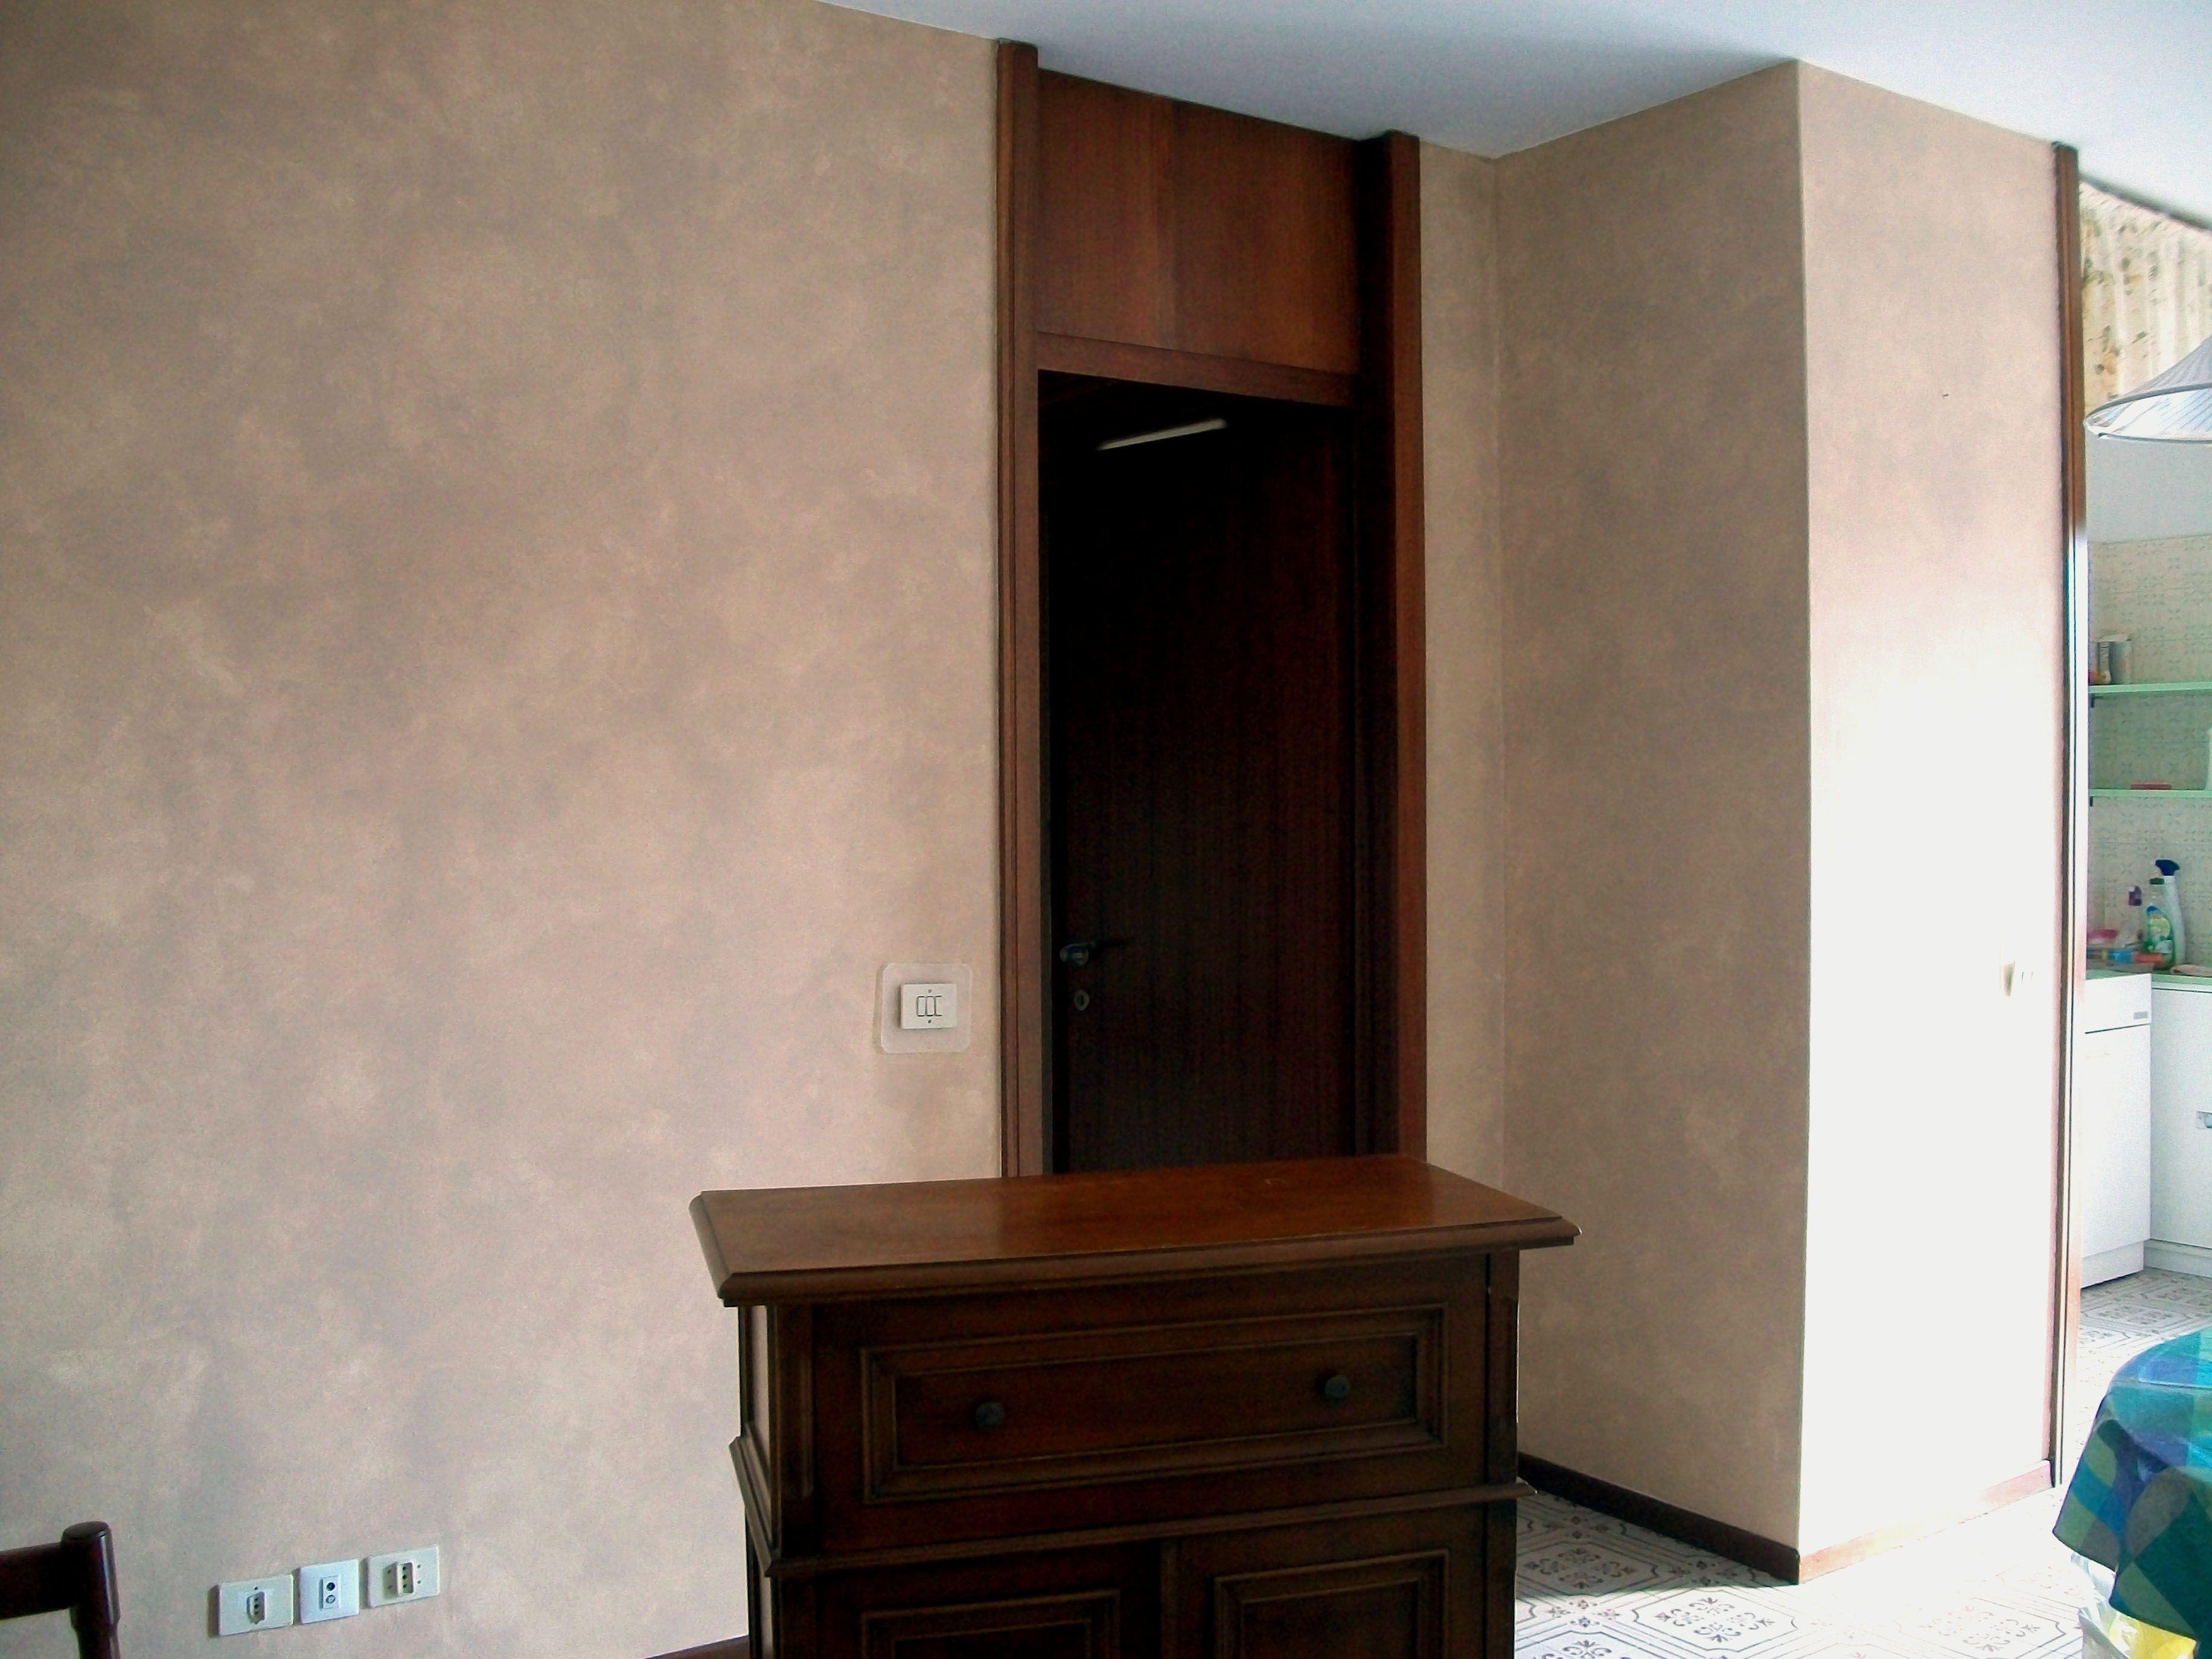 Parete nord soggiorno decorazione effetto spugnato for Pareti effetto spugnato